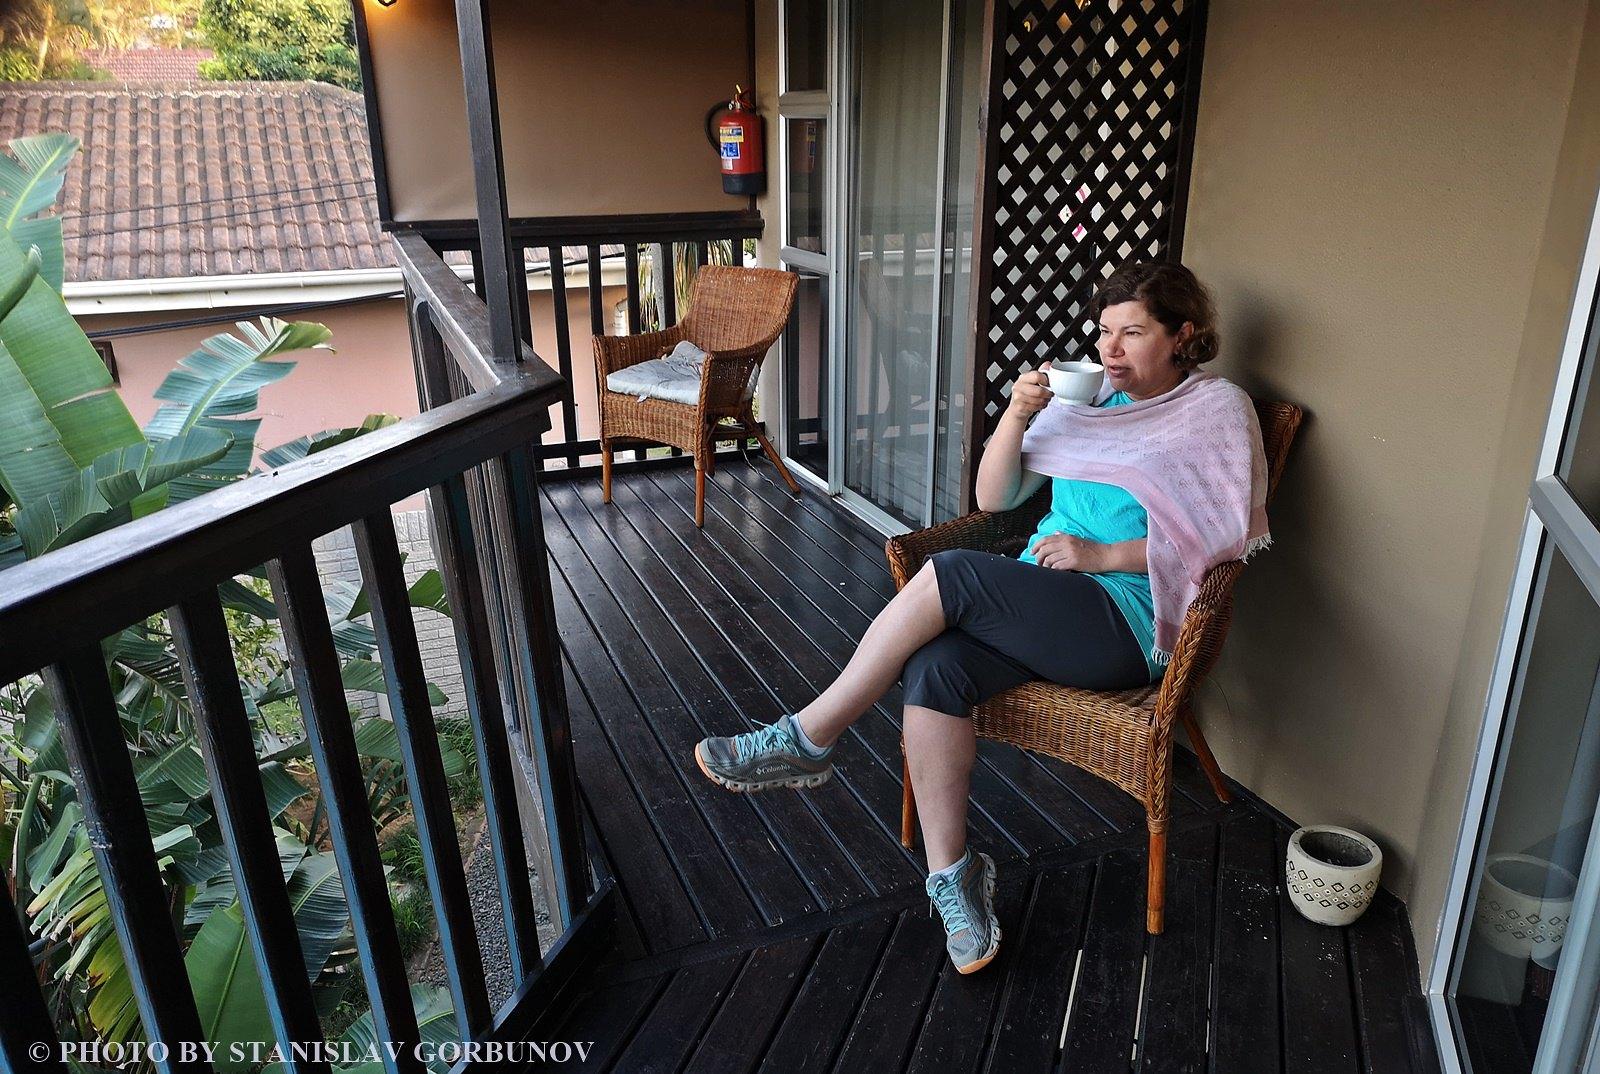 Великолепная девятка гостиниц ЮАР. Это стоит хотя бы один раз увидеть лично! oteli16